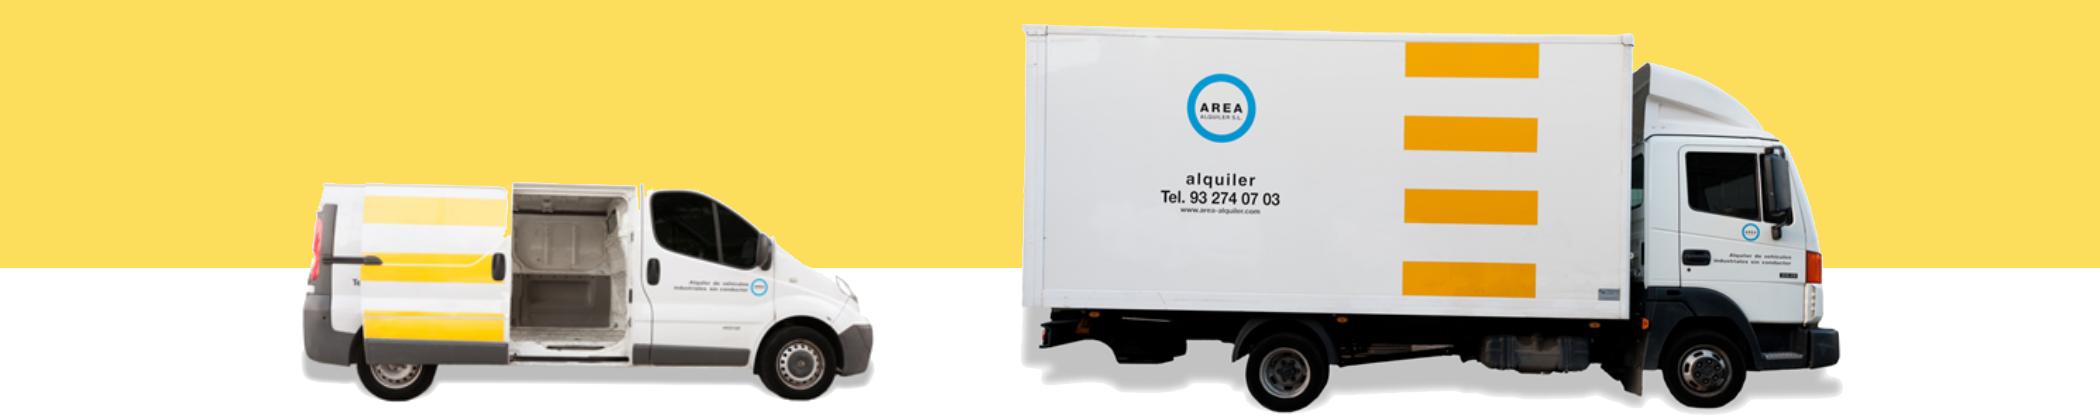 alquilar furgonetas y camiones . alquilar vehículos industriales